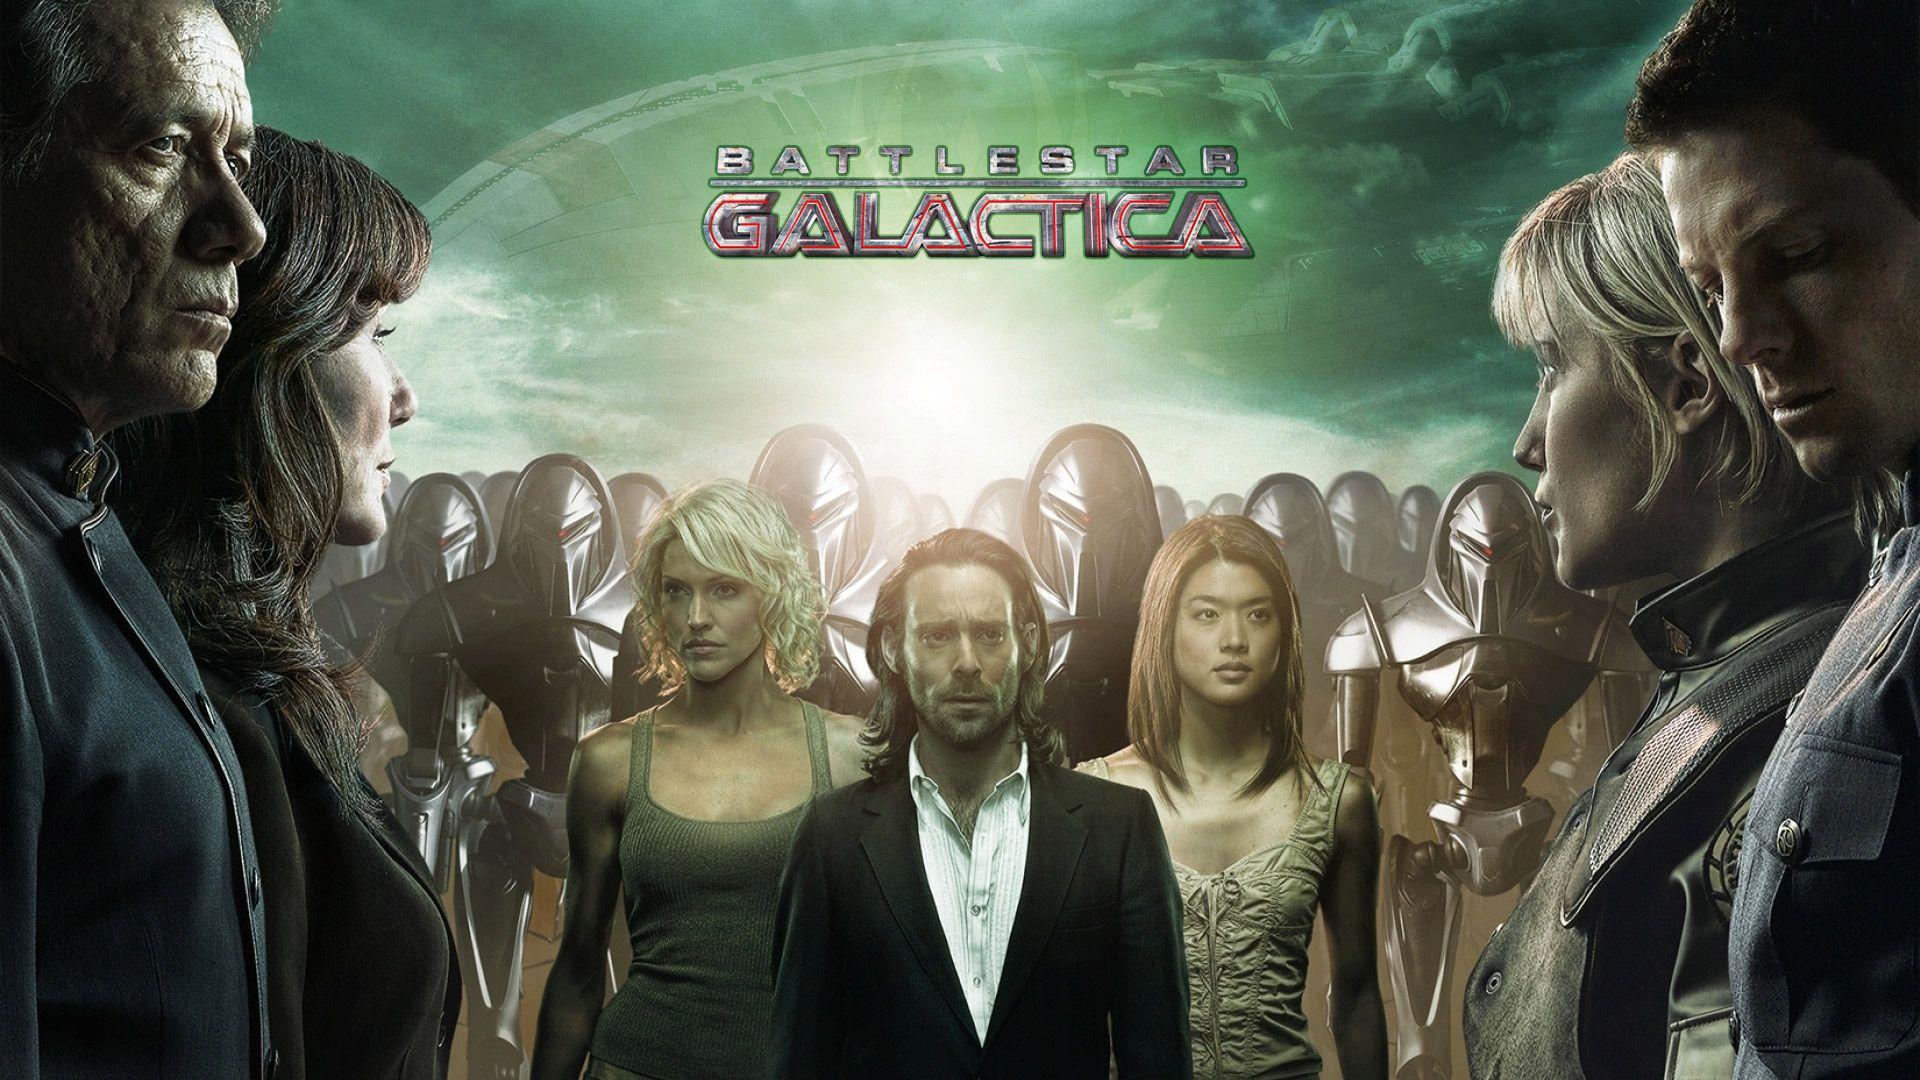 Battlestar-Galactica-wallpaper-wpc580159